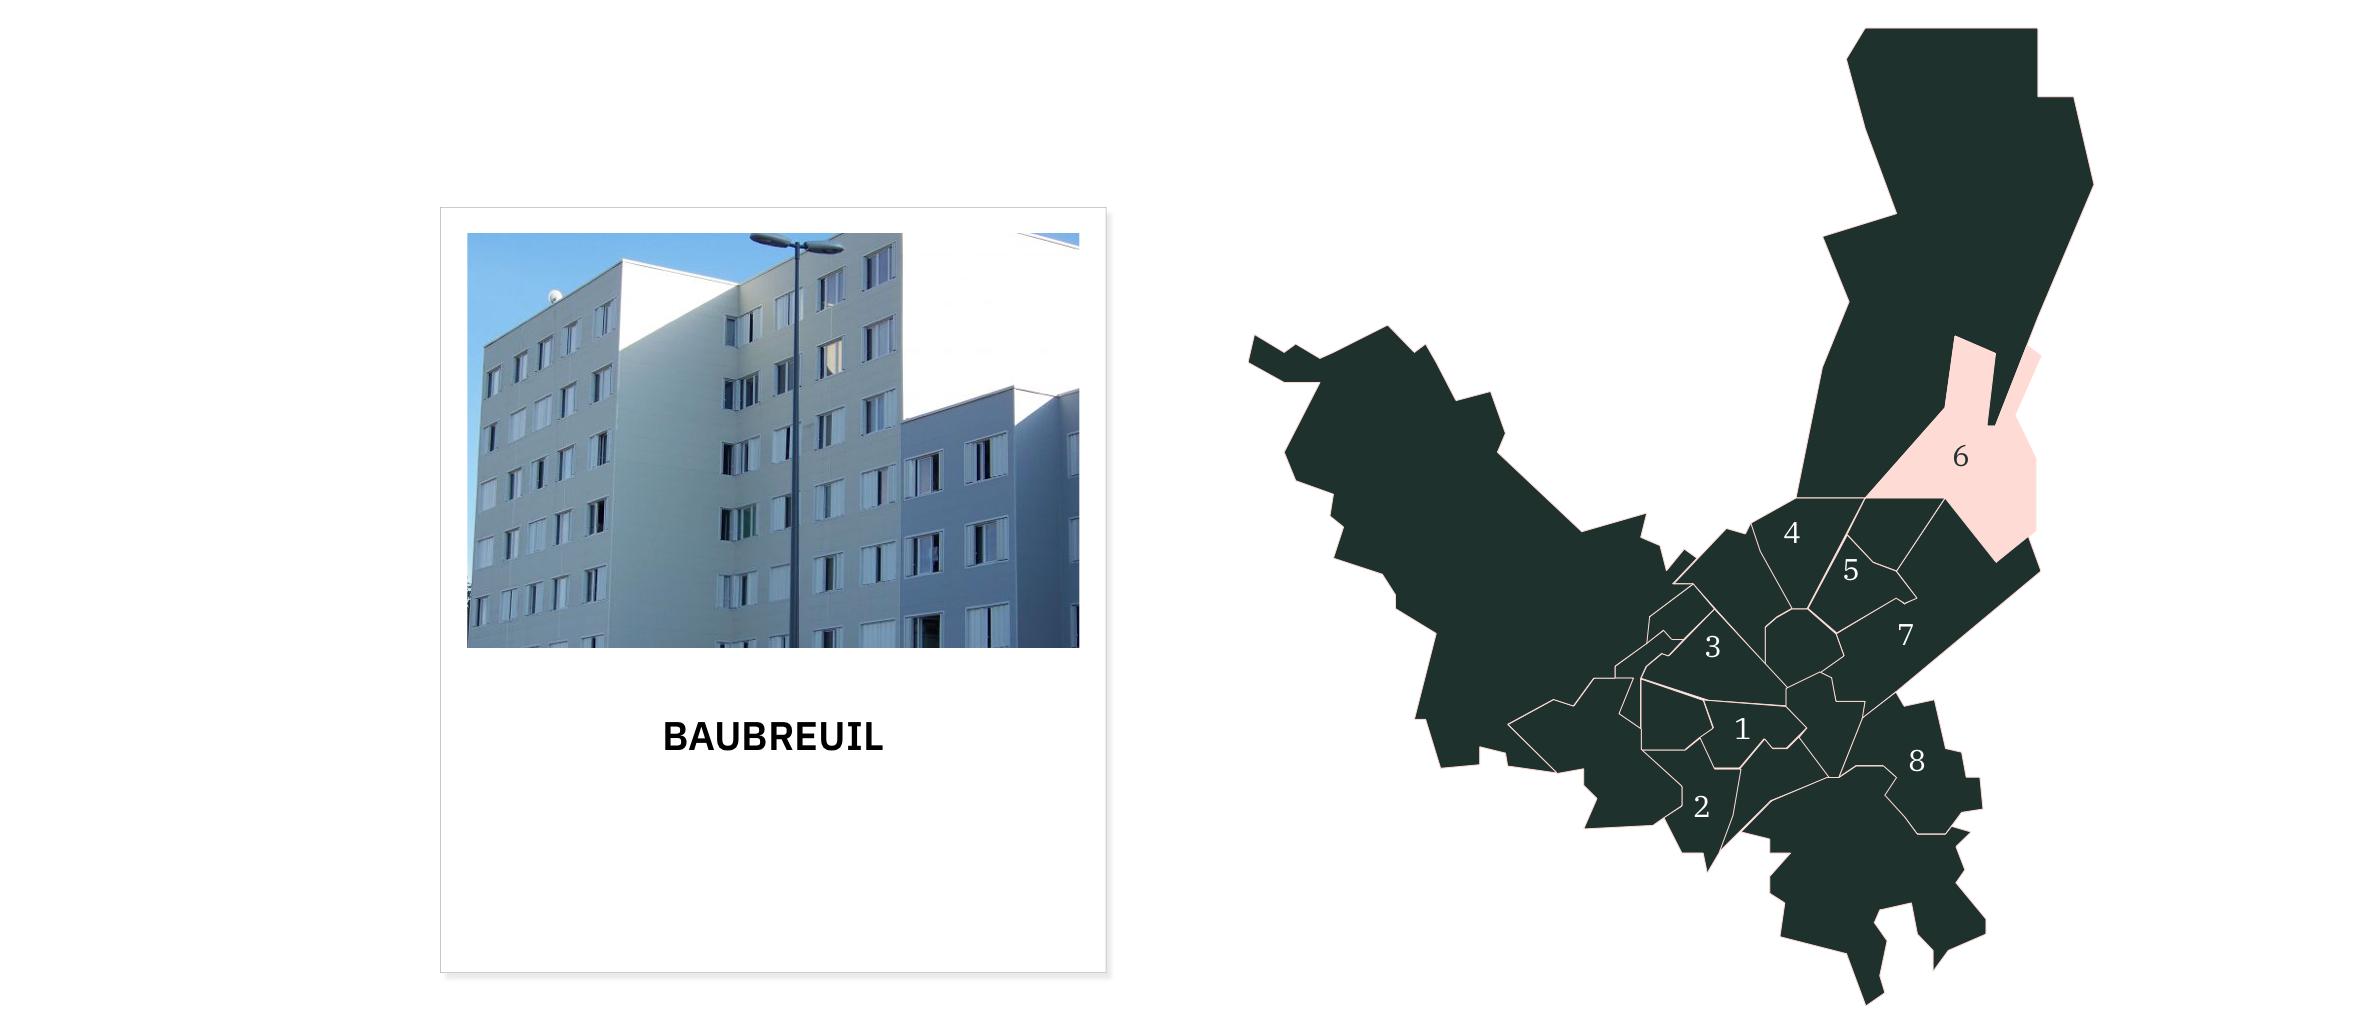 Beaubreuil  ⎮ Quartiers de Limoges